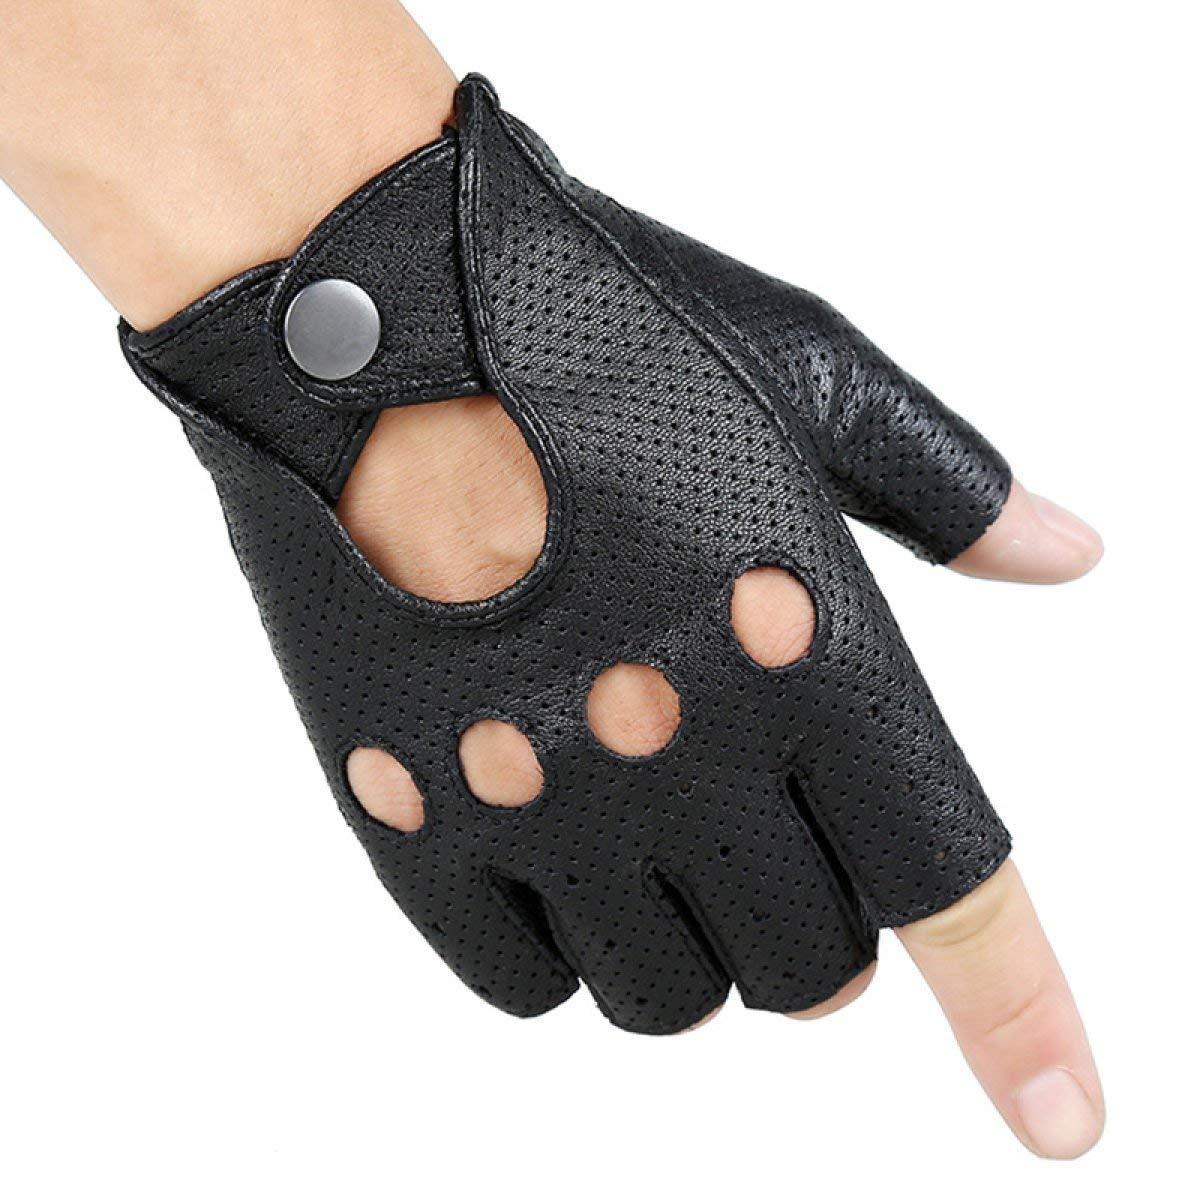 Laisla fashion Männer Halbhandschuhe Sport Fitness Reiten Handschuhe Männer Sommer Atmungsaktiv Classic Rutschfest Jungs